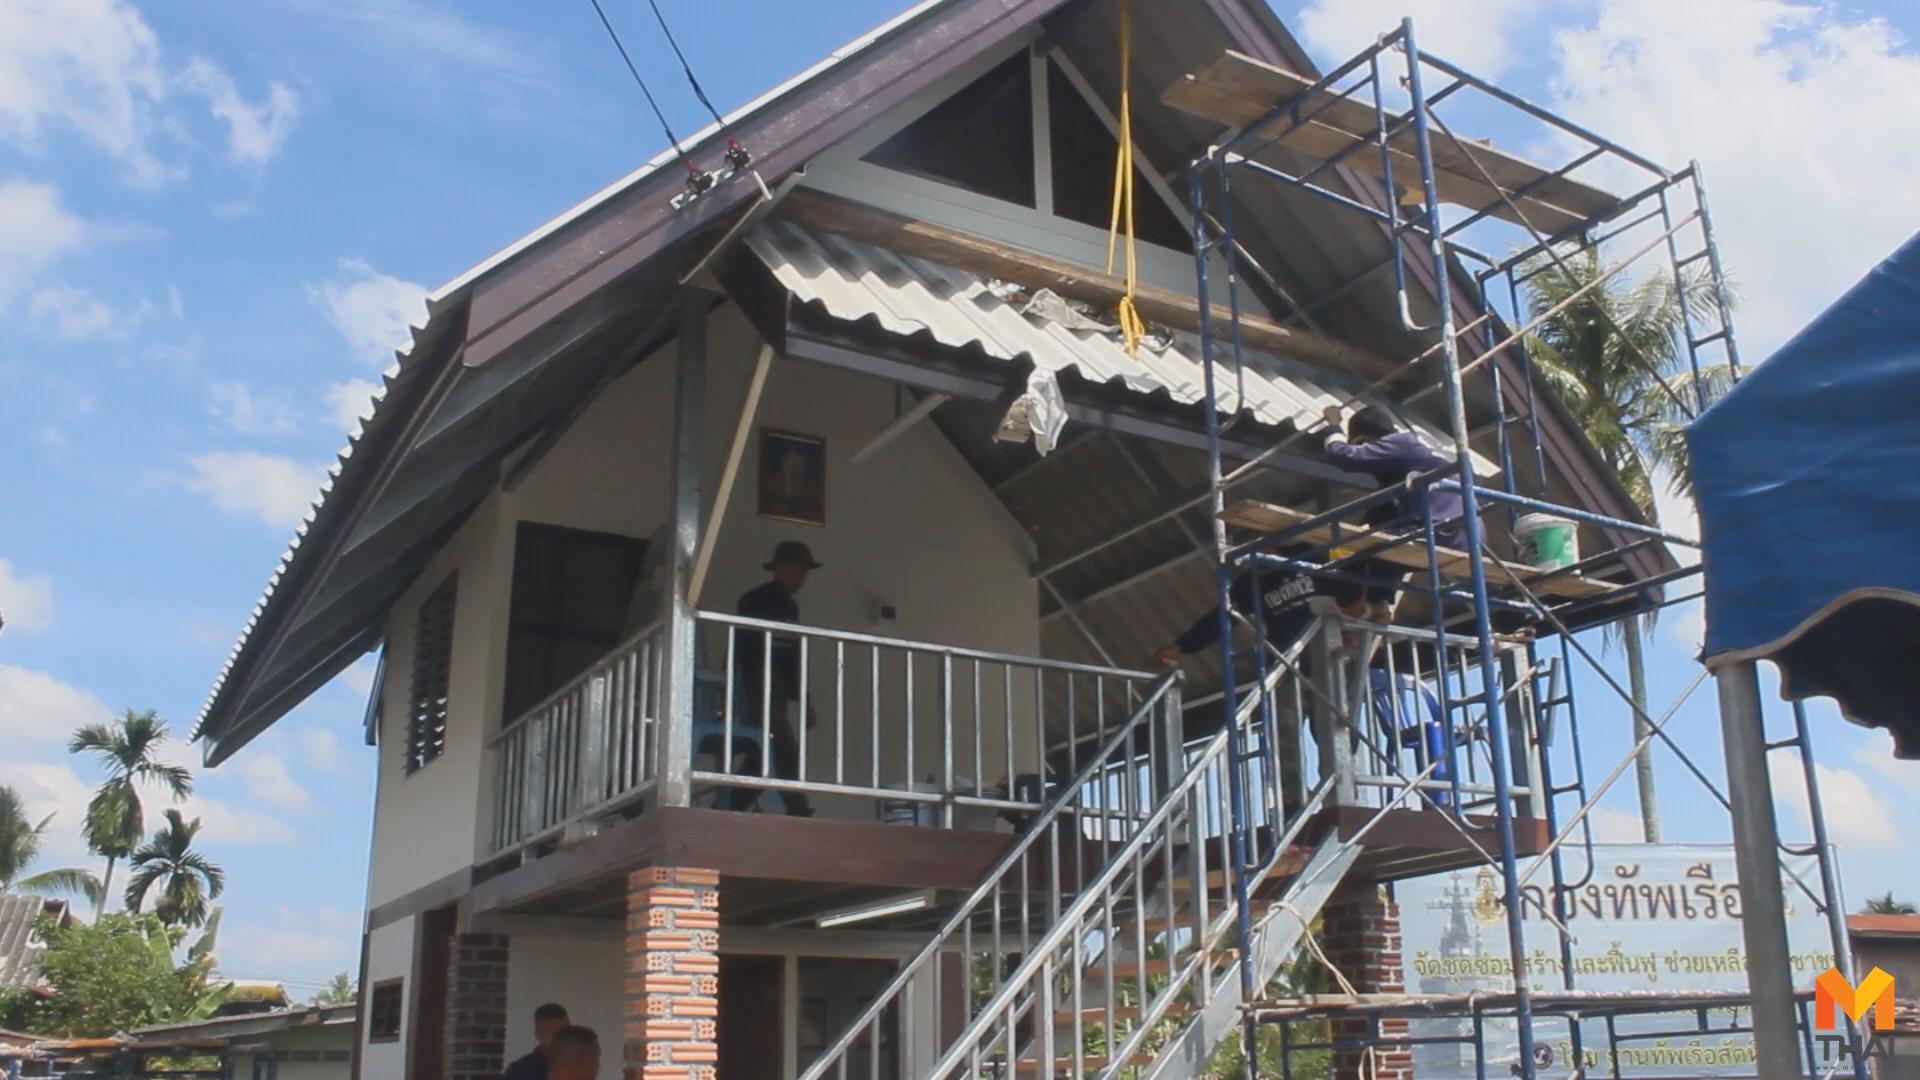 ข่าวภูมิภาค บ้านหลังใหม่ ปาบึก ผู้ประสบภัยปาบึก